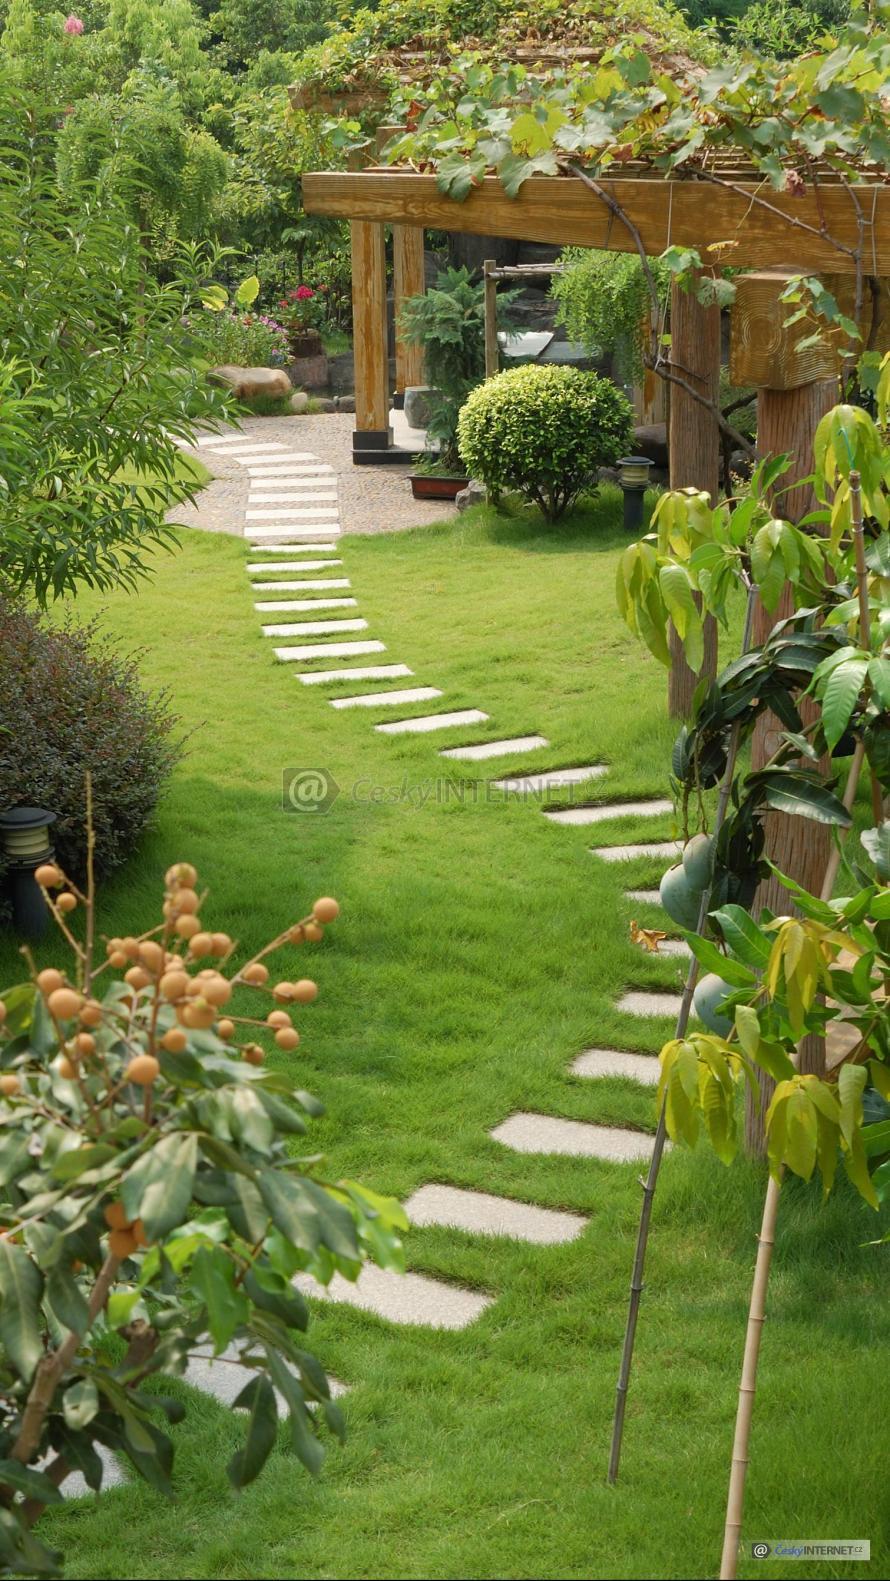 Zahrada s pěšinou.